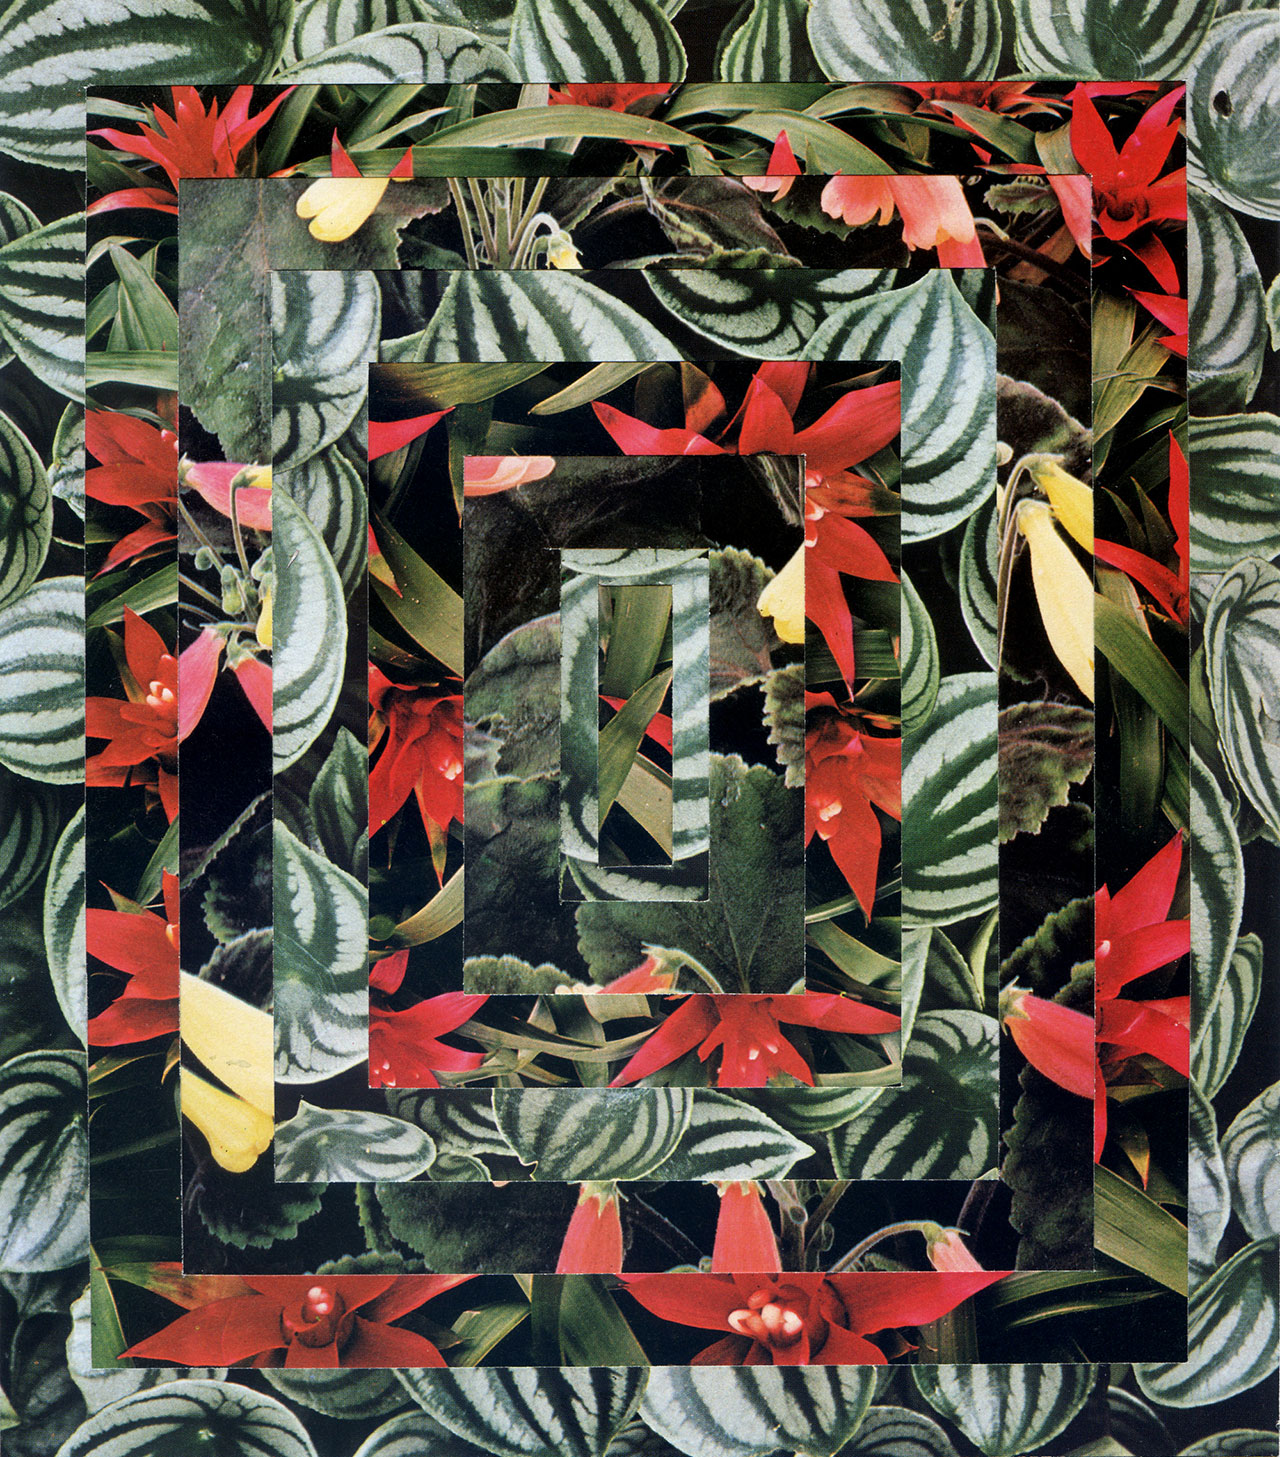 f15_luis_dourado_the_garden_firstregression_yatzer.jpg